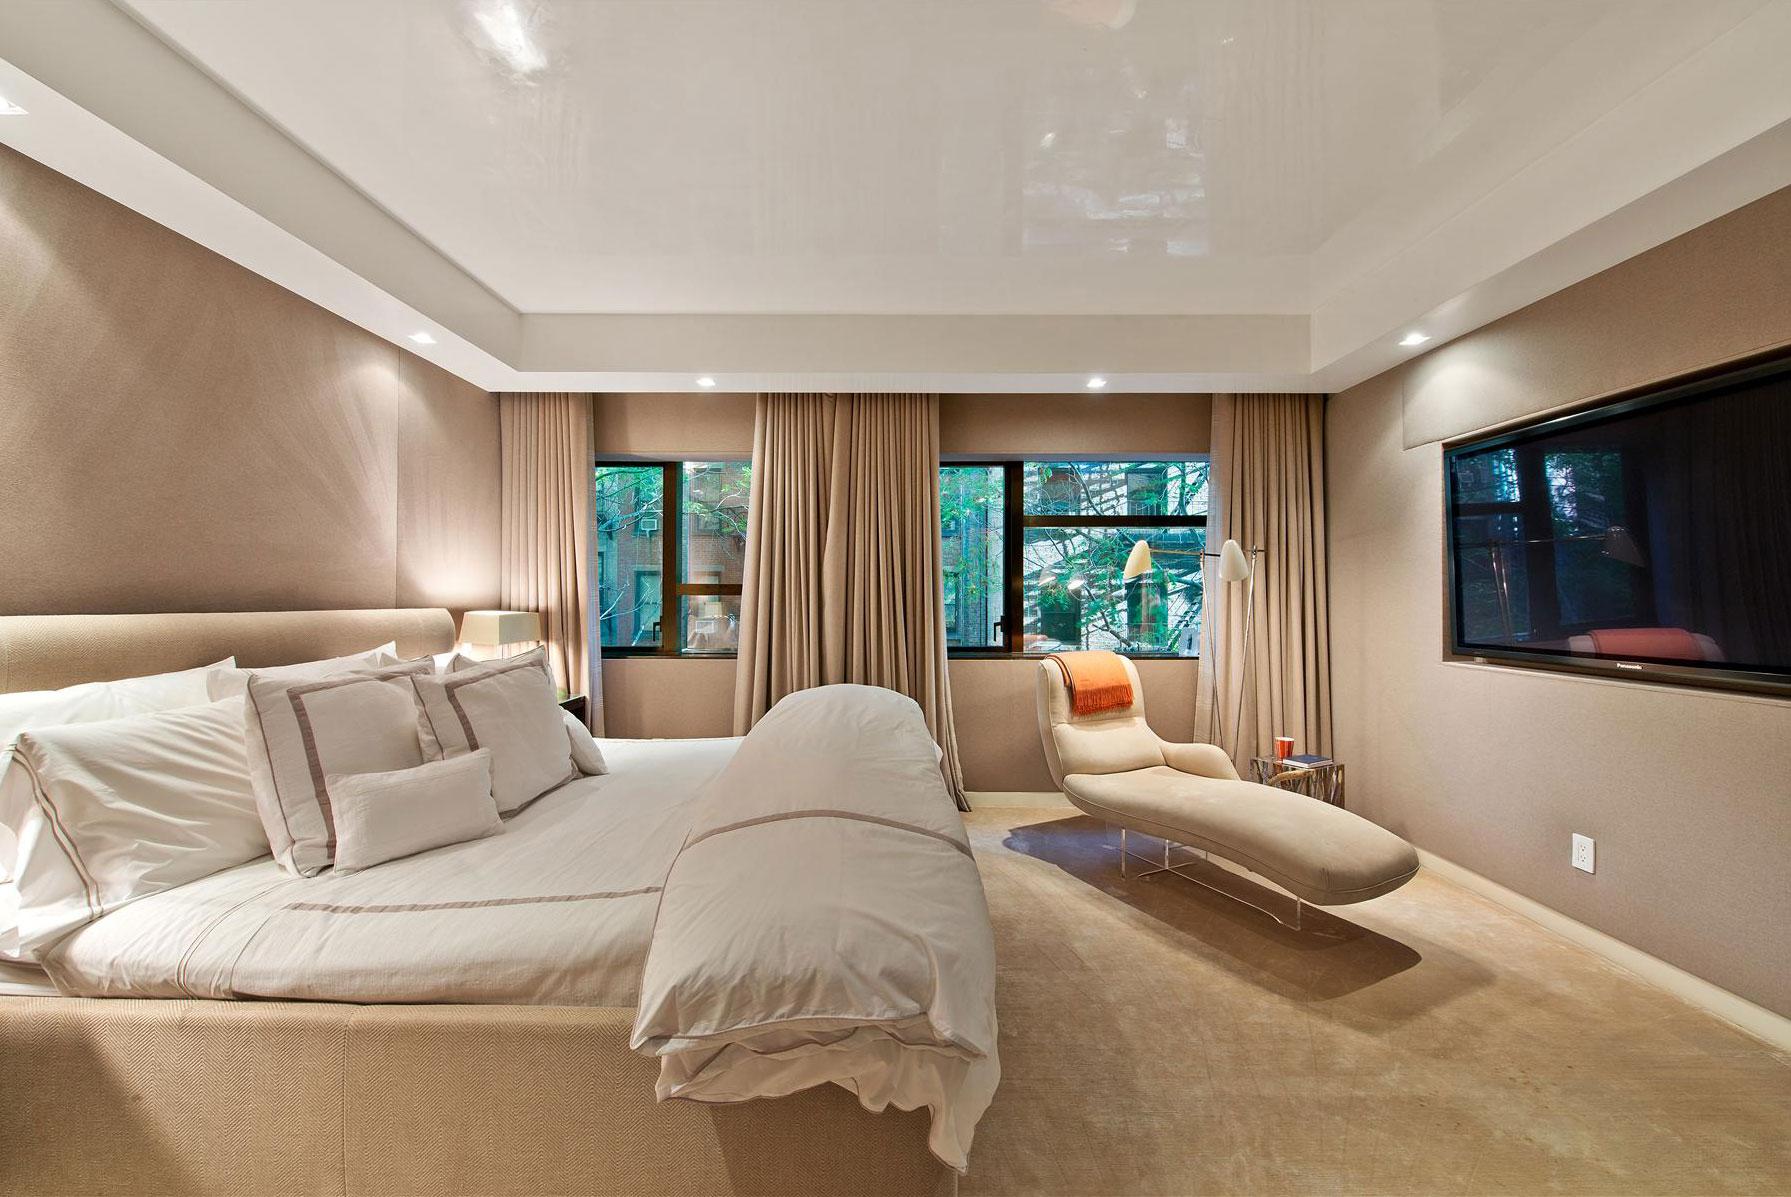 Прекрасные шторы в дизайне интерьера помещения